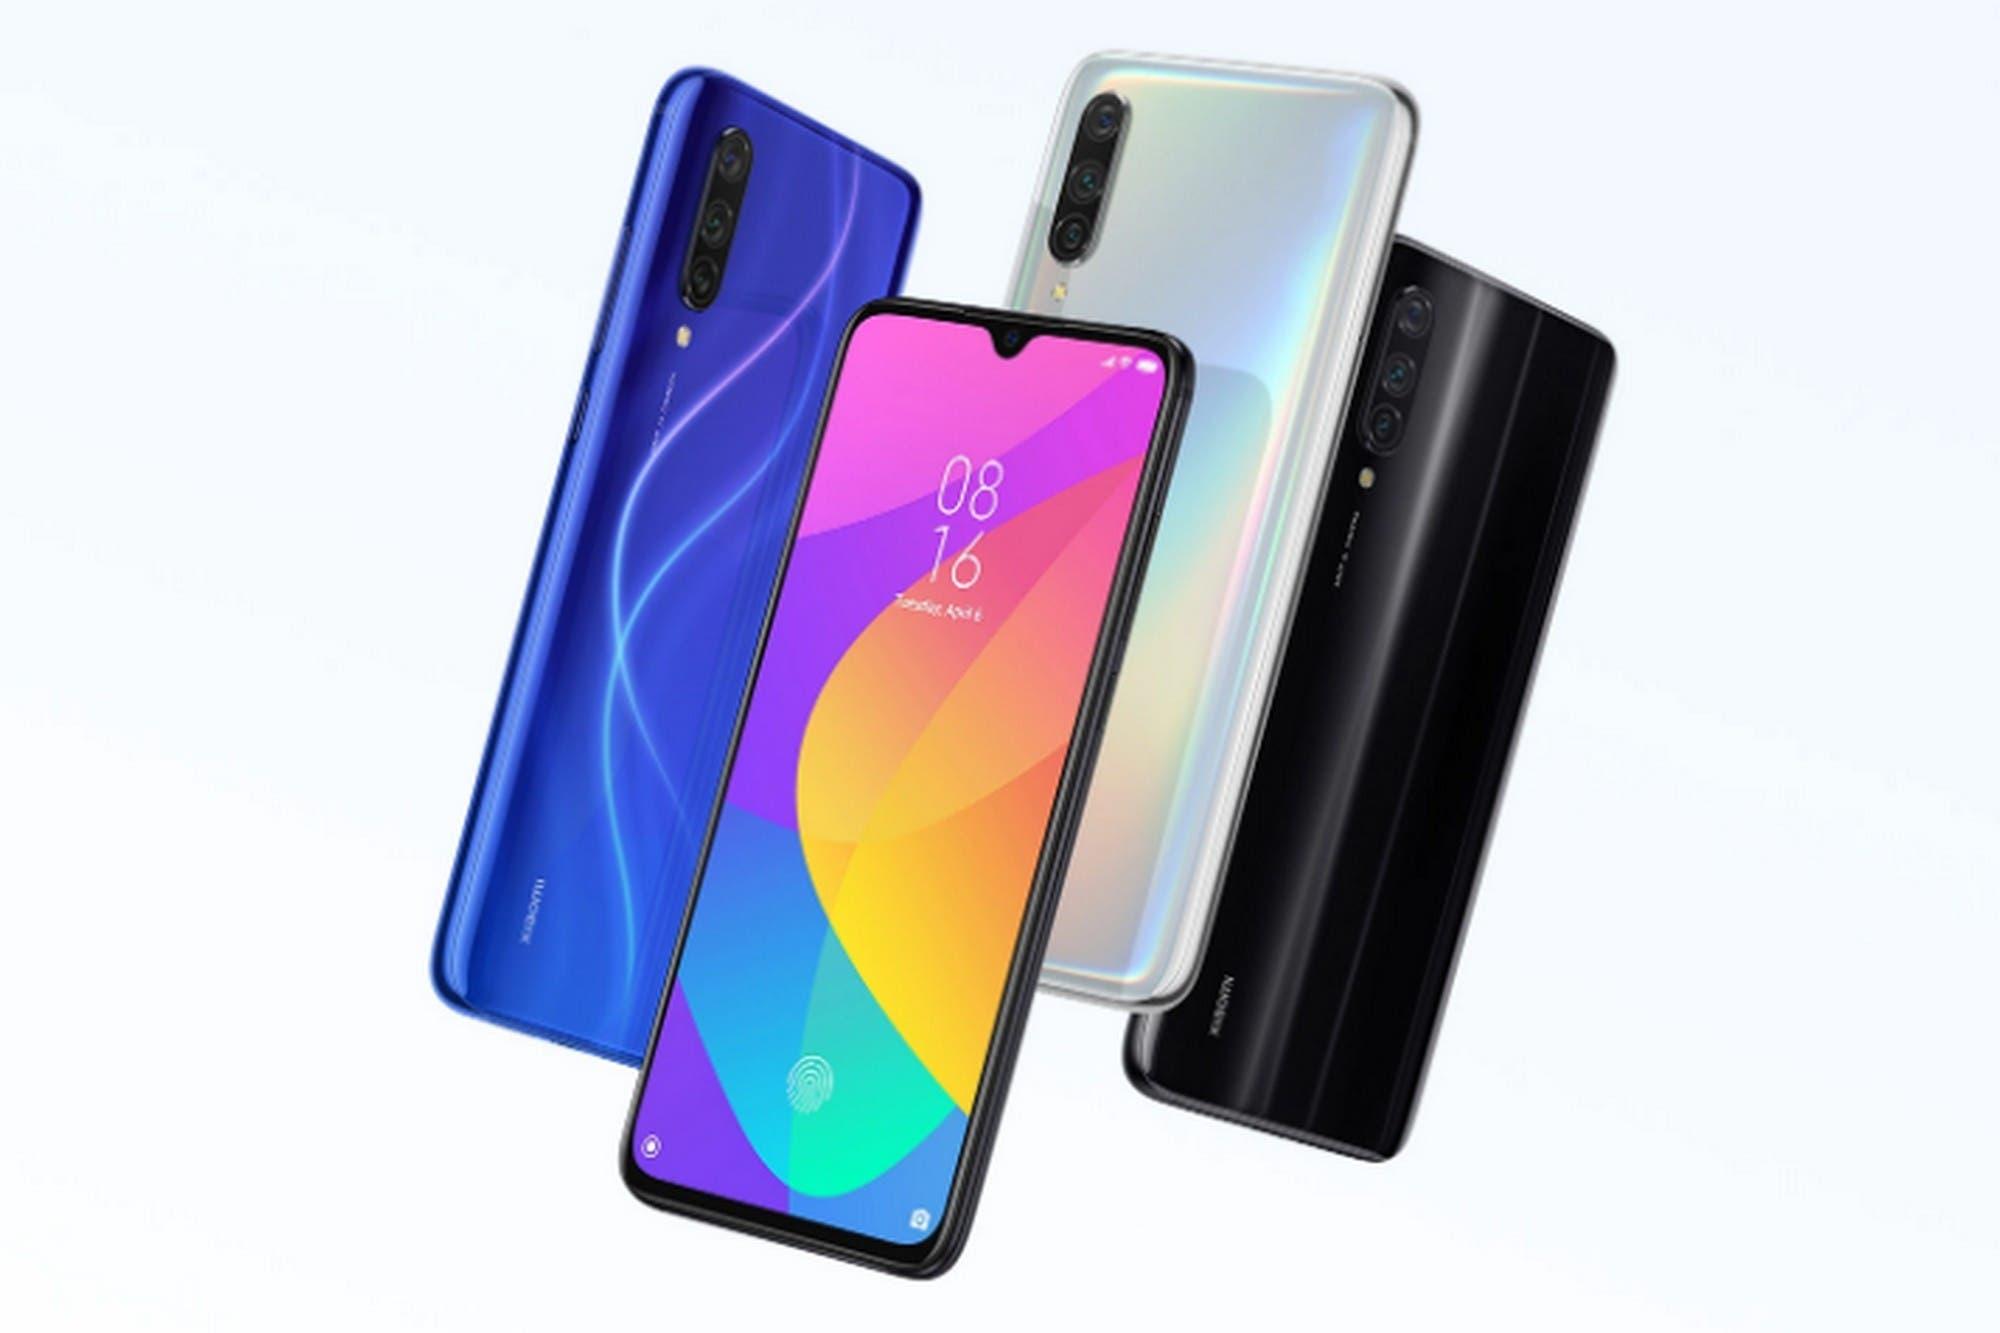 Xiaomi lanzó su teléfono Mi 9 Lite con triple cámara y lector de huellas en pantalla